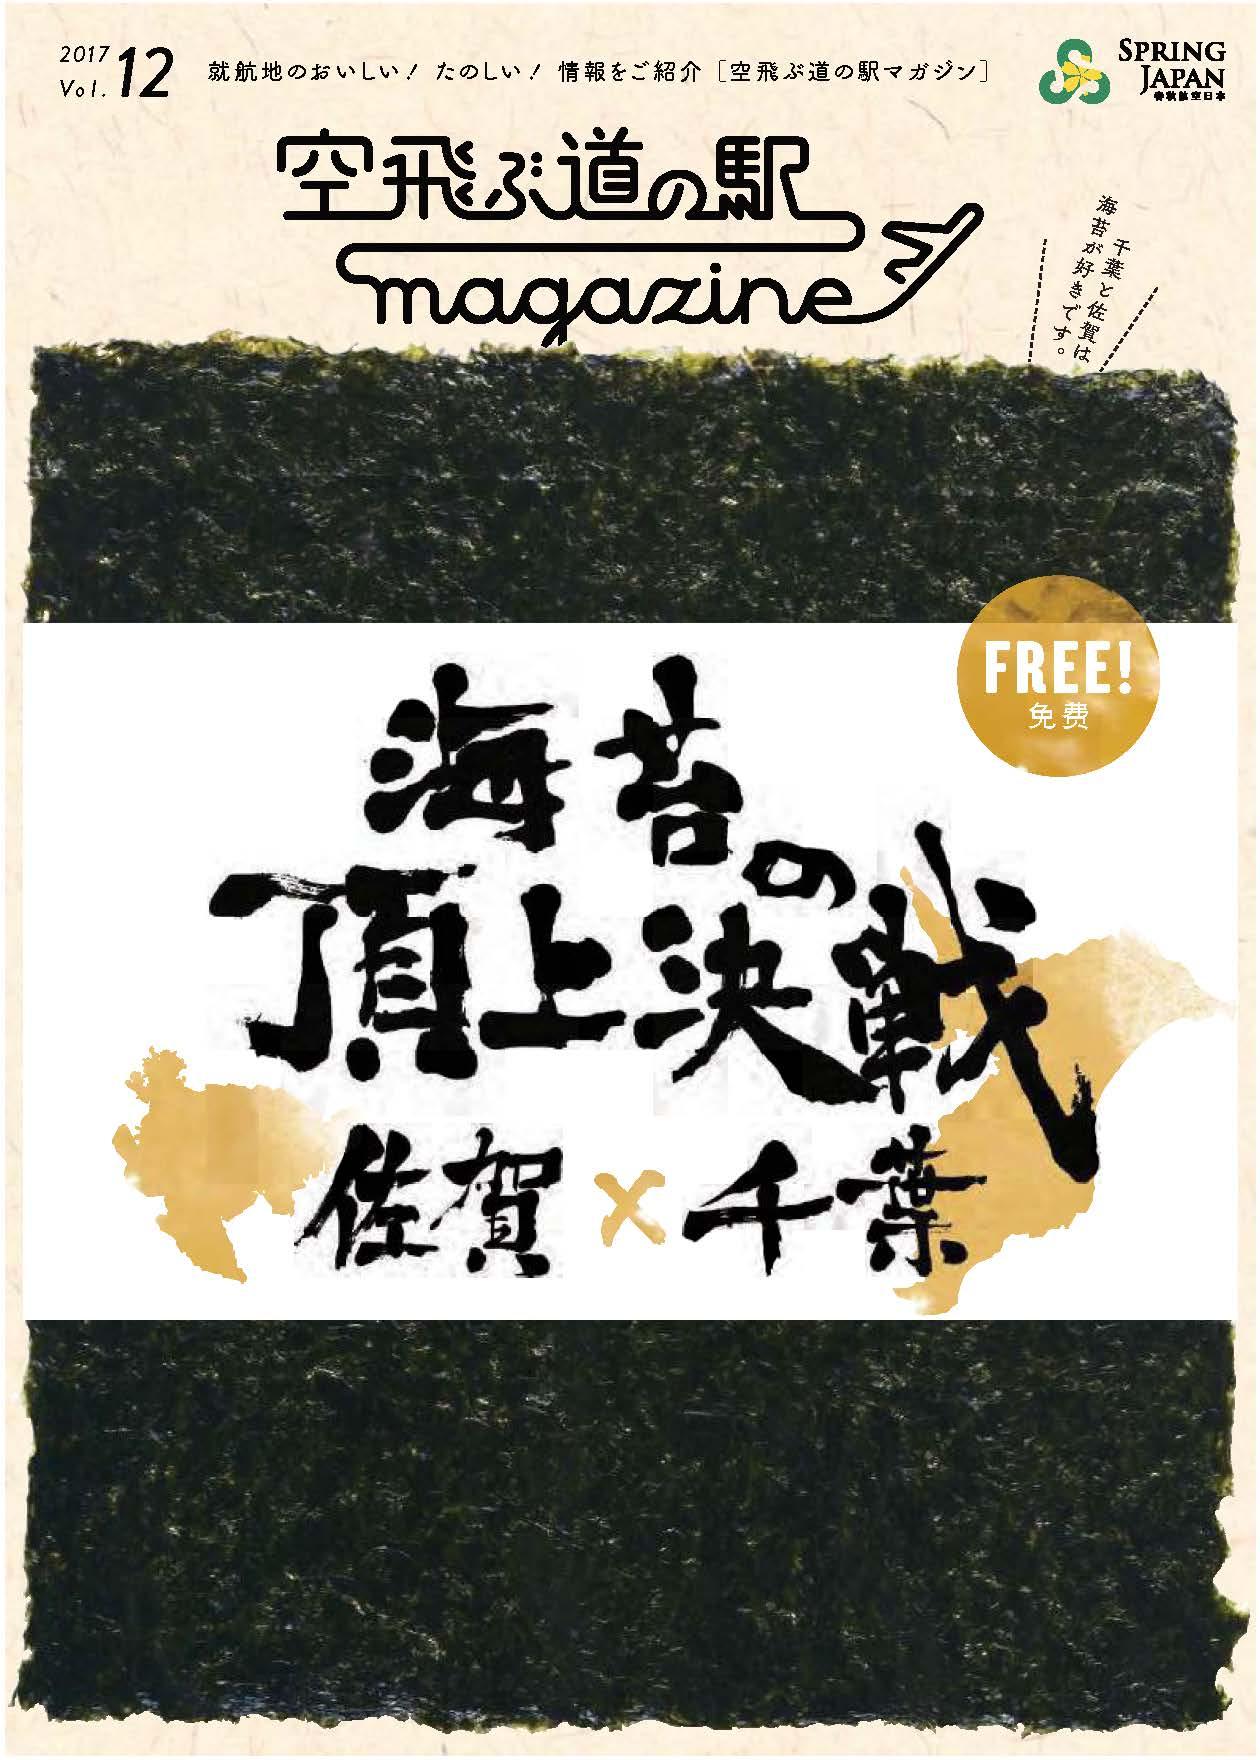 春秋航空日本機内誌 最新媒体資料と見本(10/1発行号)を更新しました!